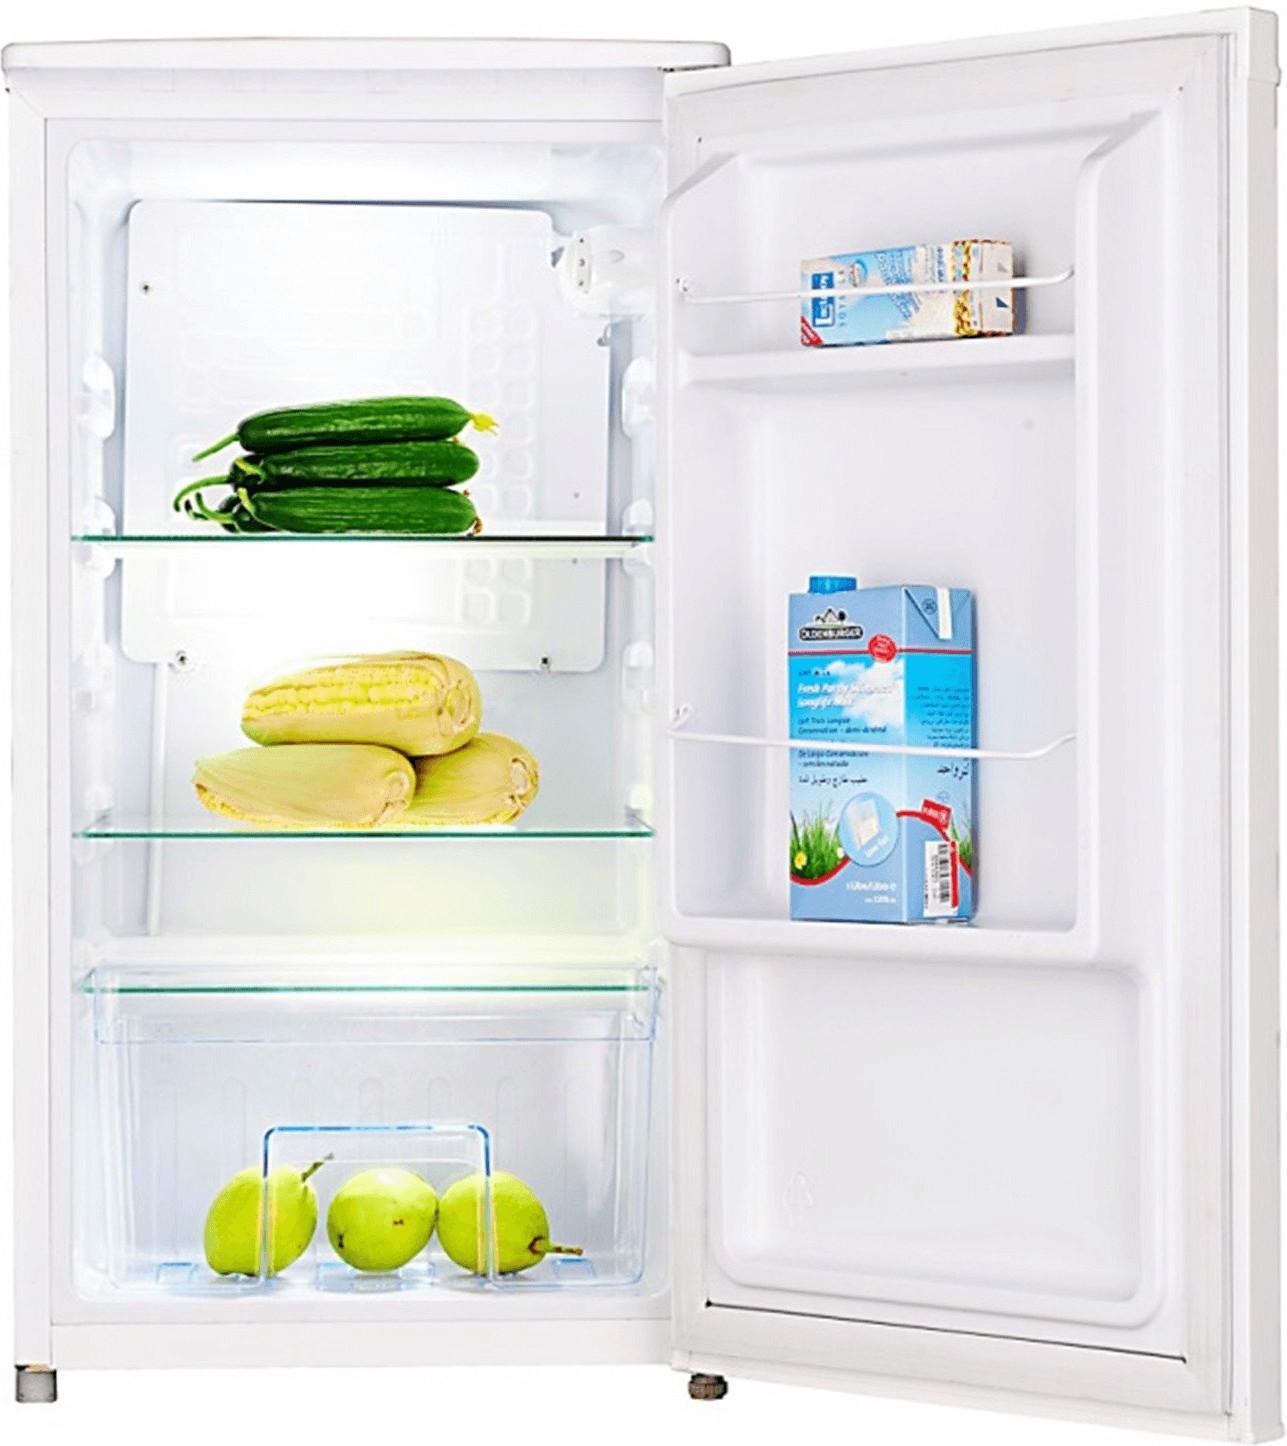 Haushaltsgeräte bei Lidl: Tischkühlschrank exquisit KS 85-9 RV A+